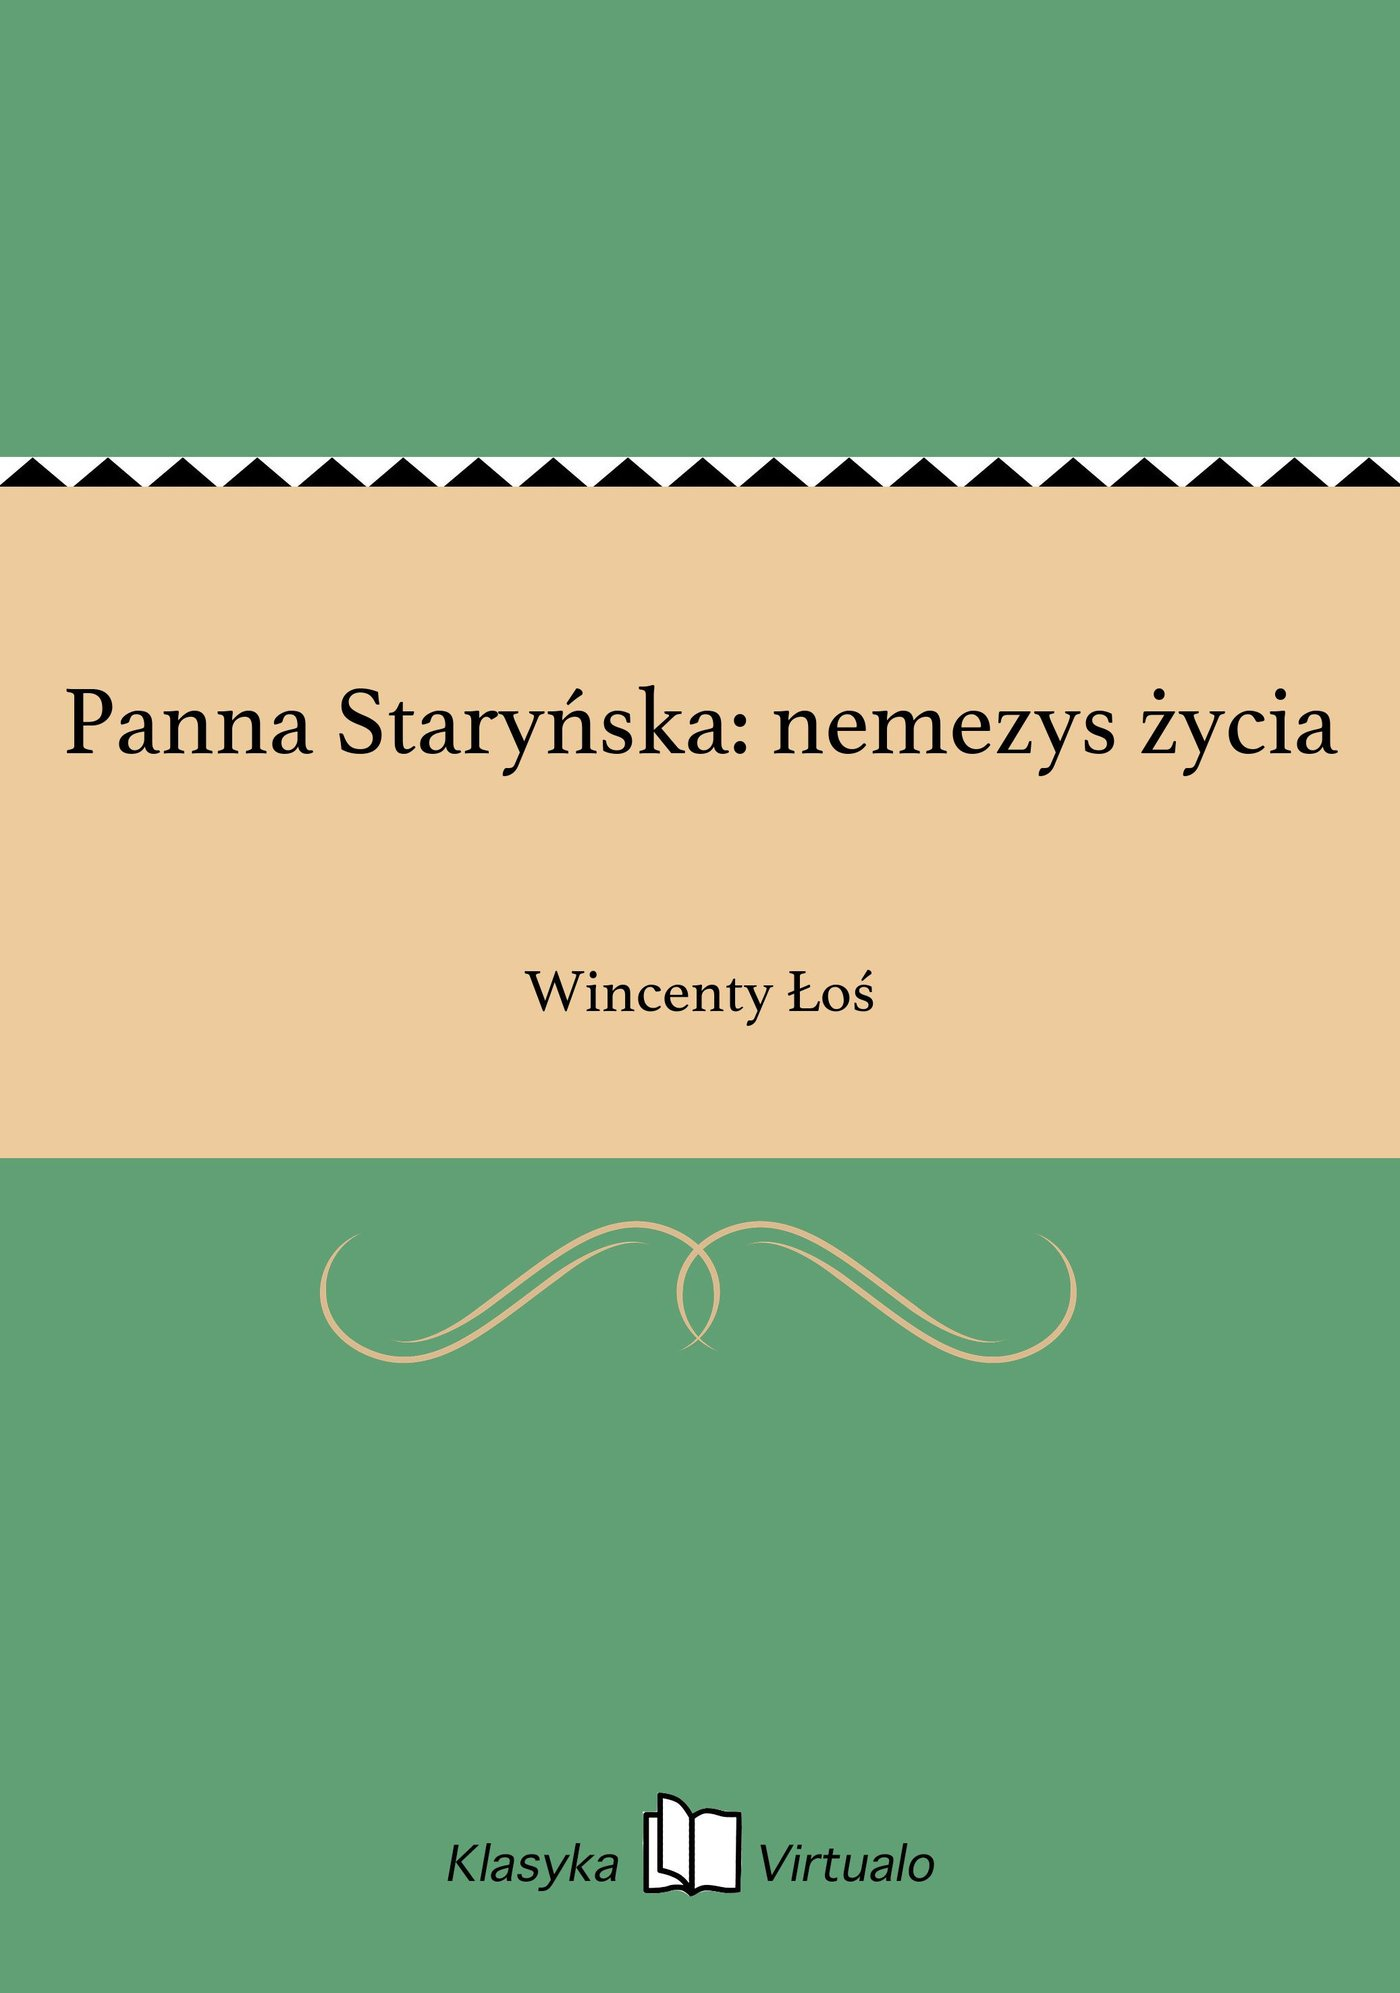 Panna Staryńska: nemezys życia - Ebook (Książka EPUB) do pobrania w formacie EPUB